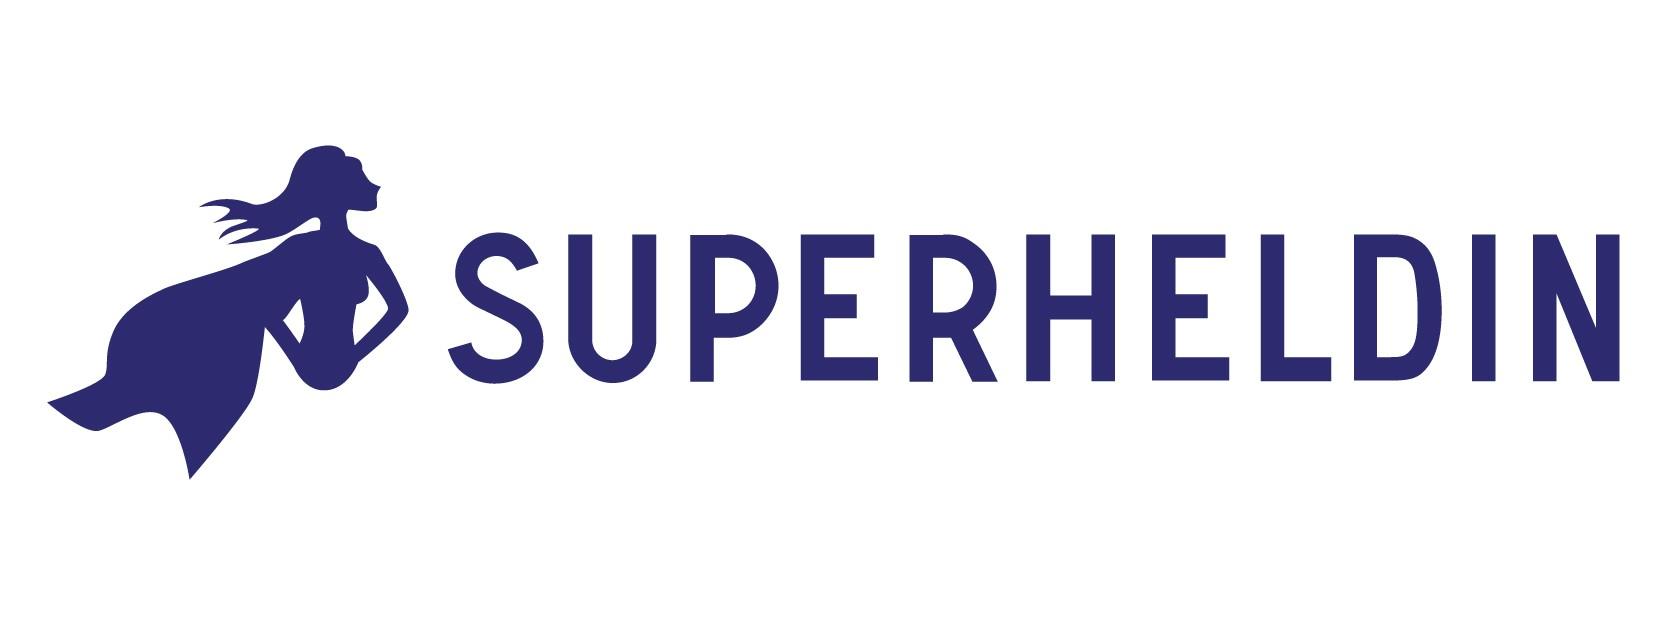 superheldin logo